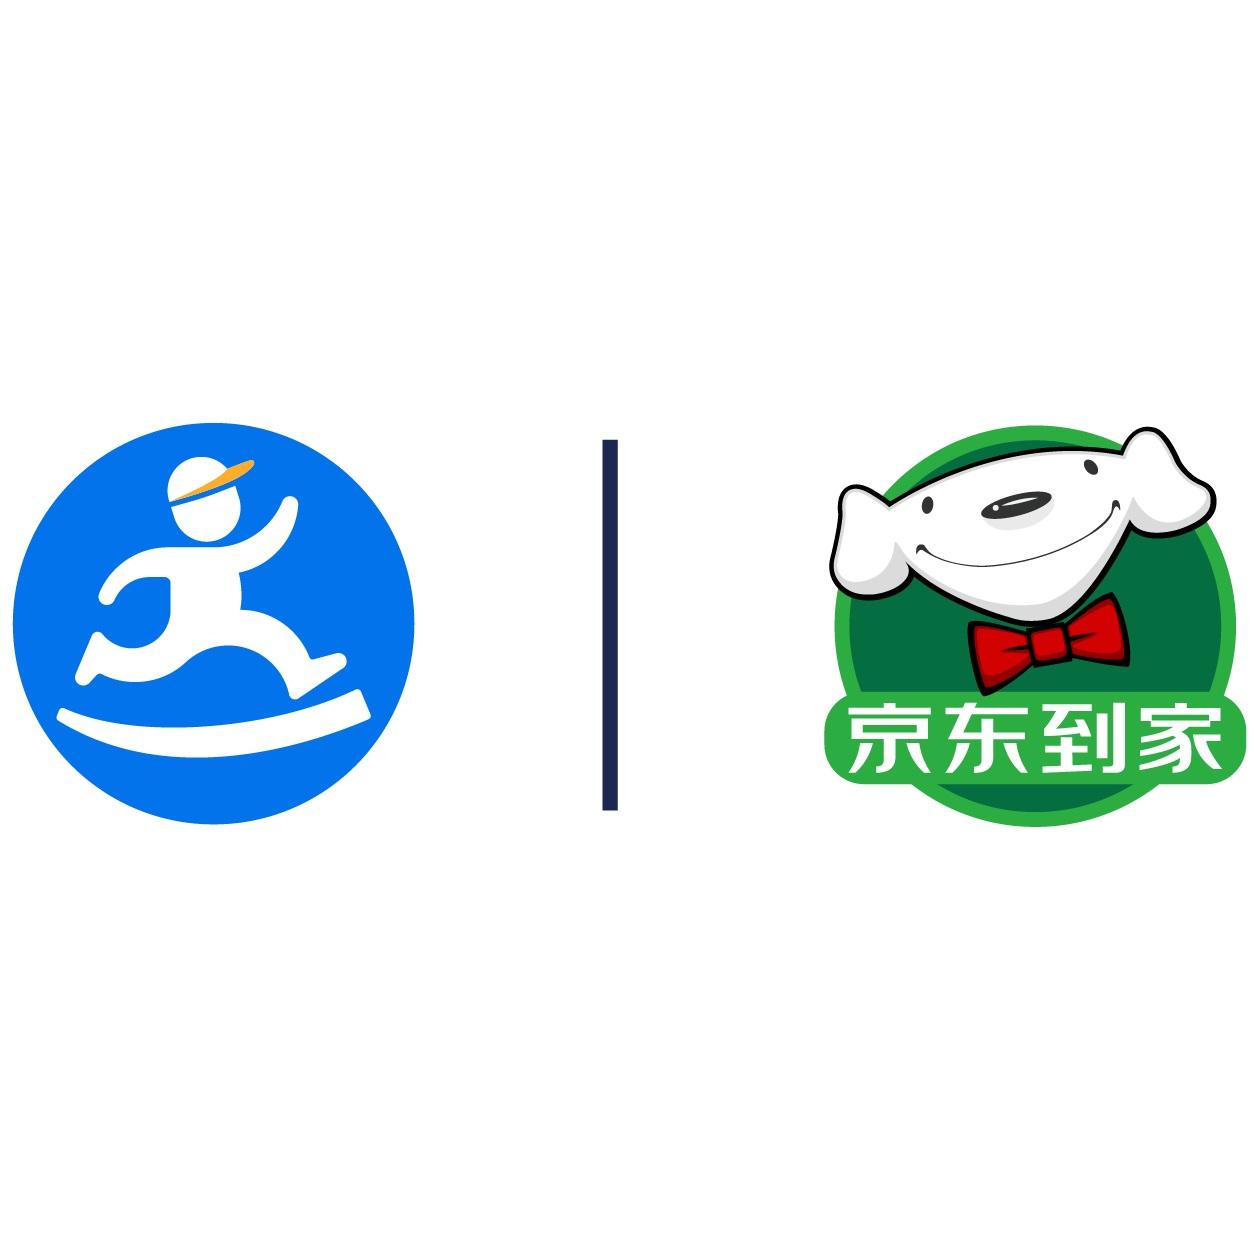 达疆网络科技(上海)有限公司logo